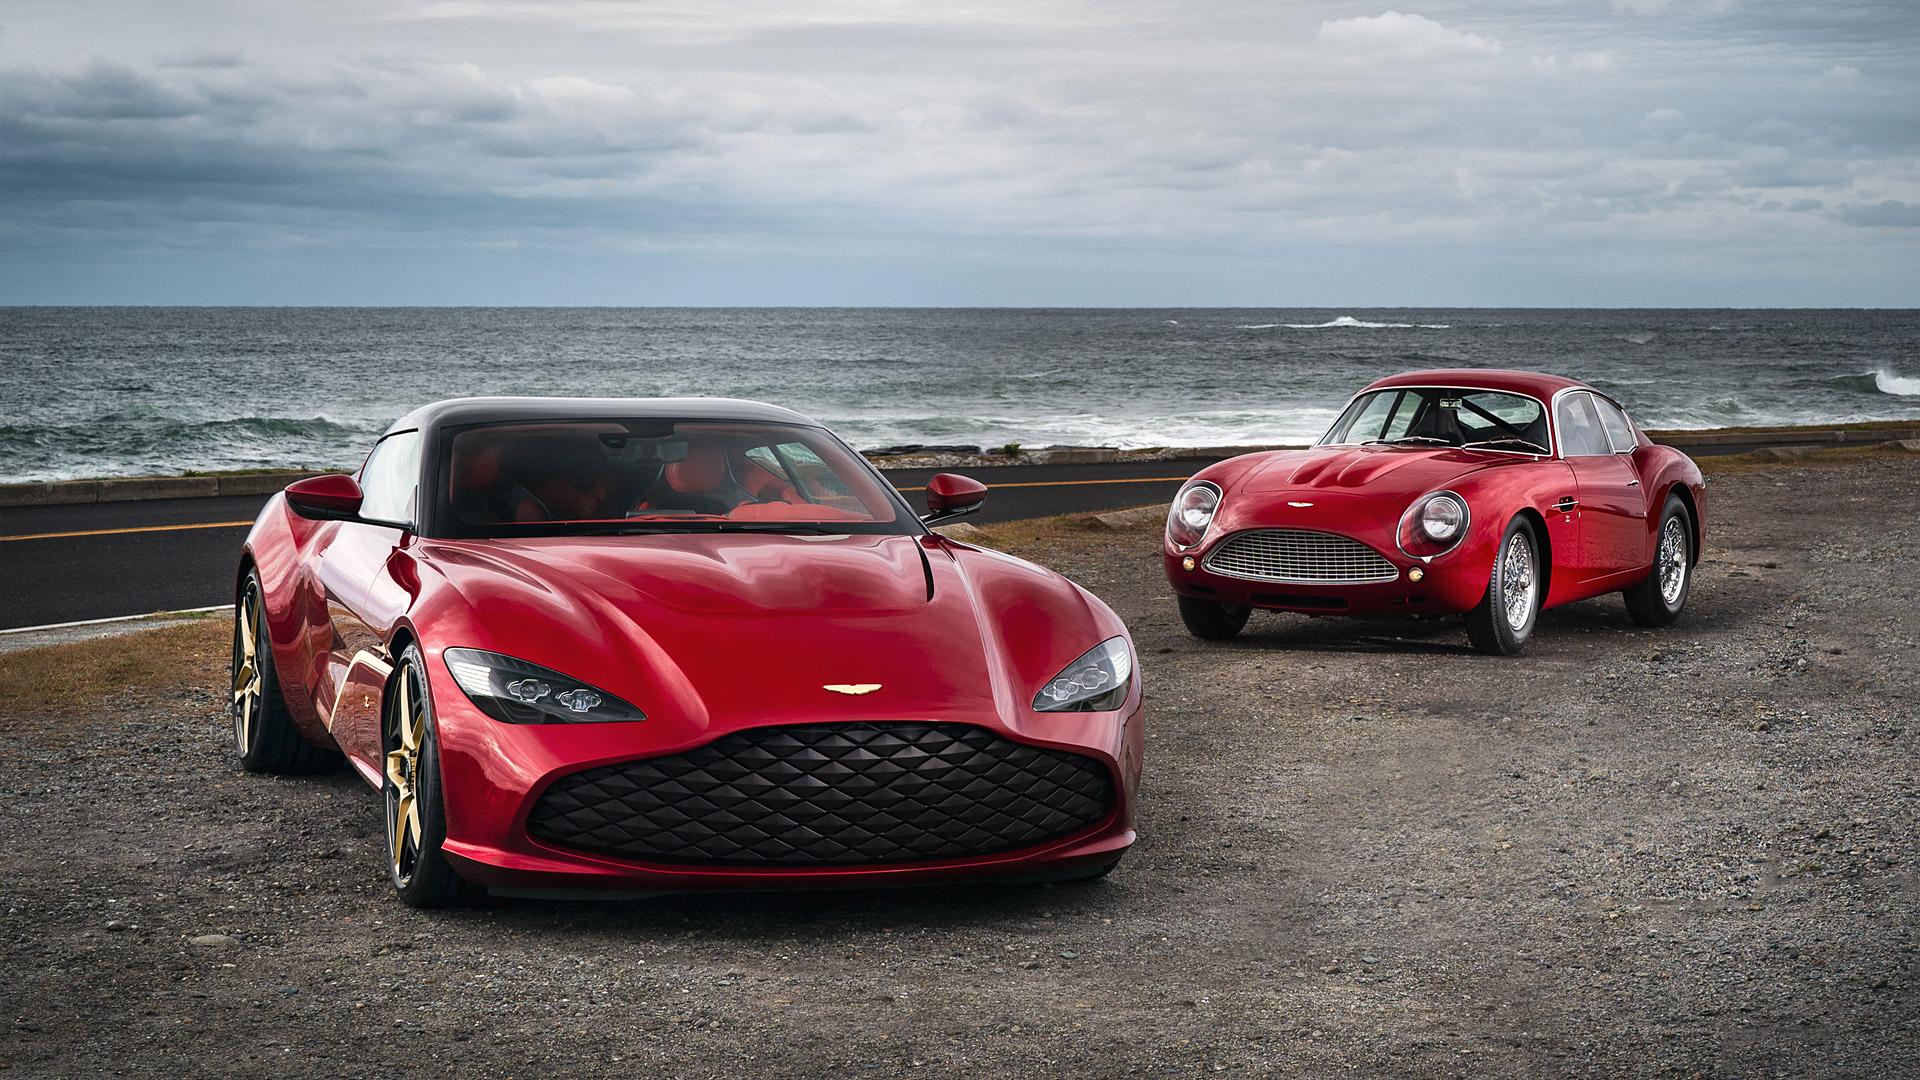 DBS GT Zagato จ่ายทีเดียว 200 ล้าน ได้กลับไปแพ๊คคู่